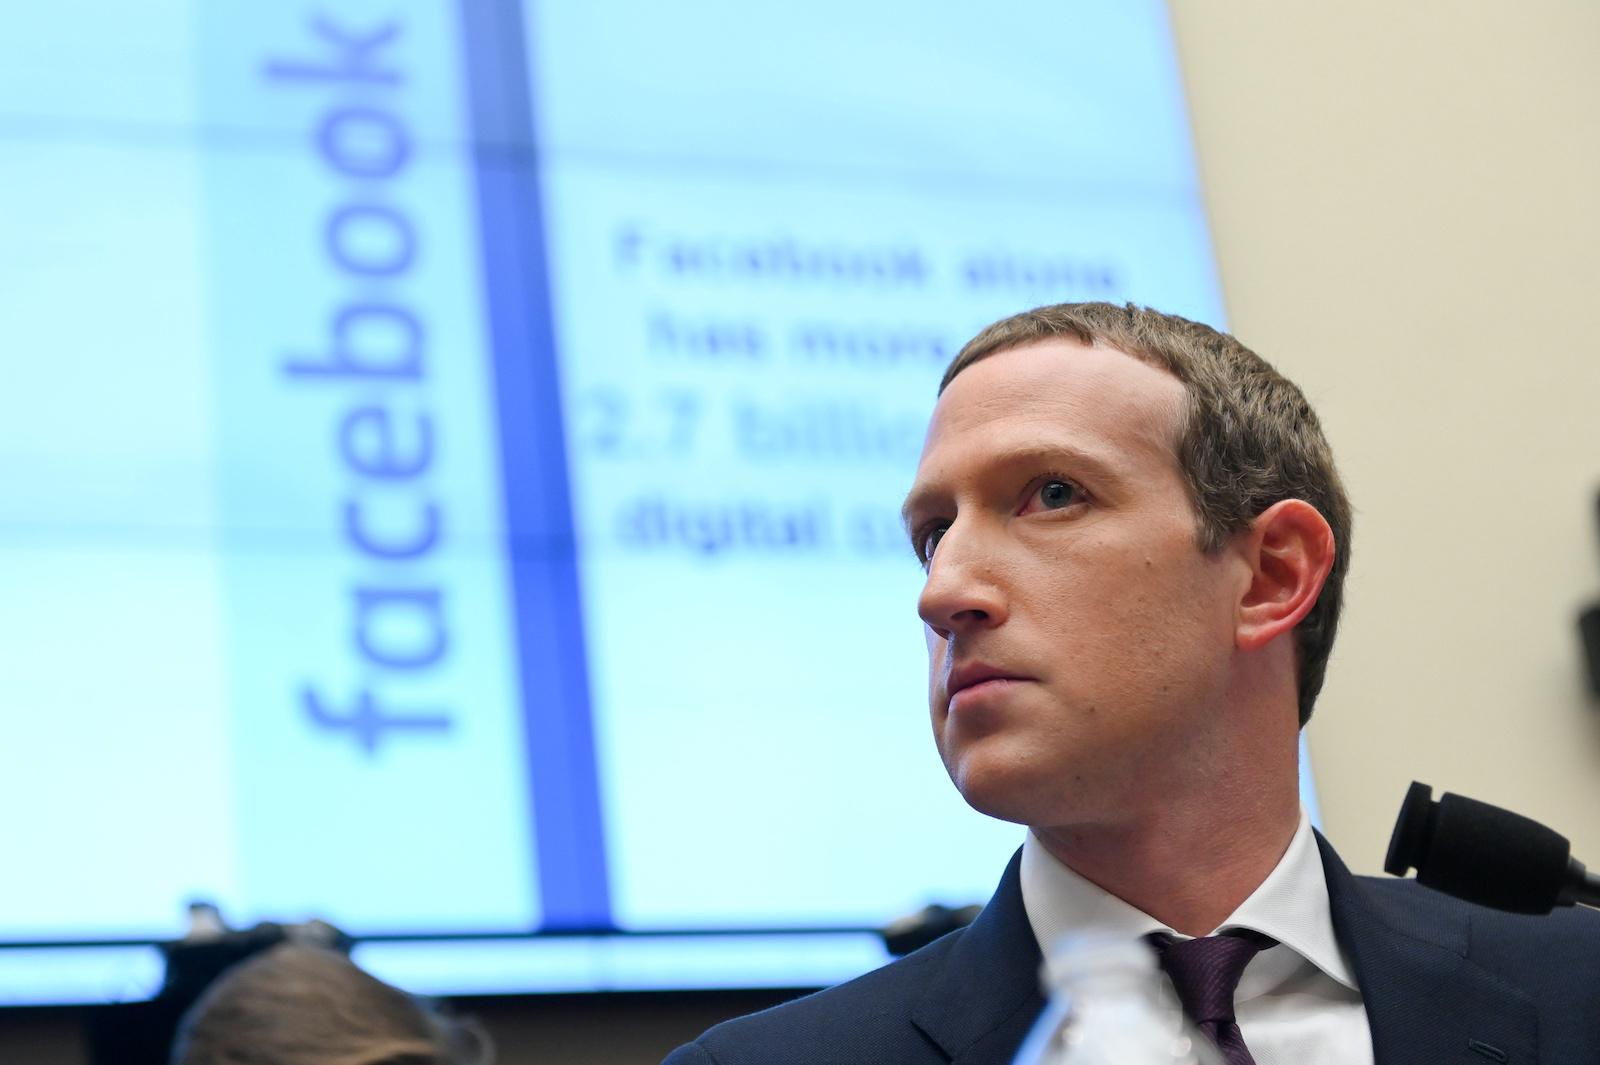 Facebook董事長兼首席執行官馬克·扎克伯格(Mark Zuckerberg)於2019年10月23日在美國華盛頓舉行的眾議院金融服務委員會聽證會上作證。